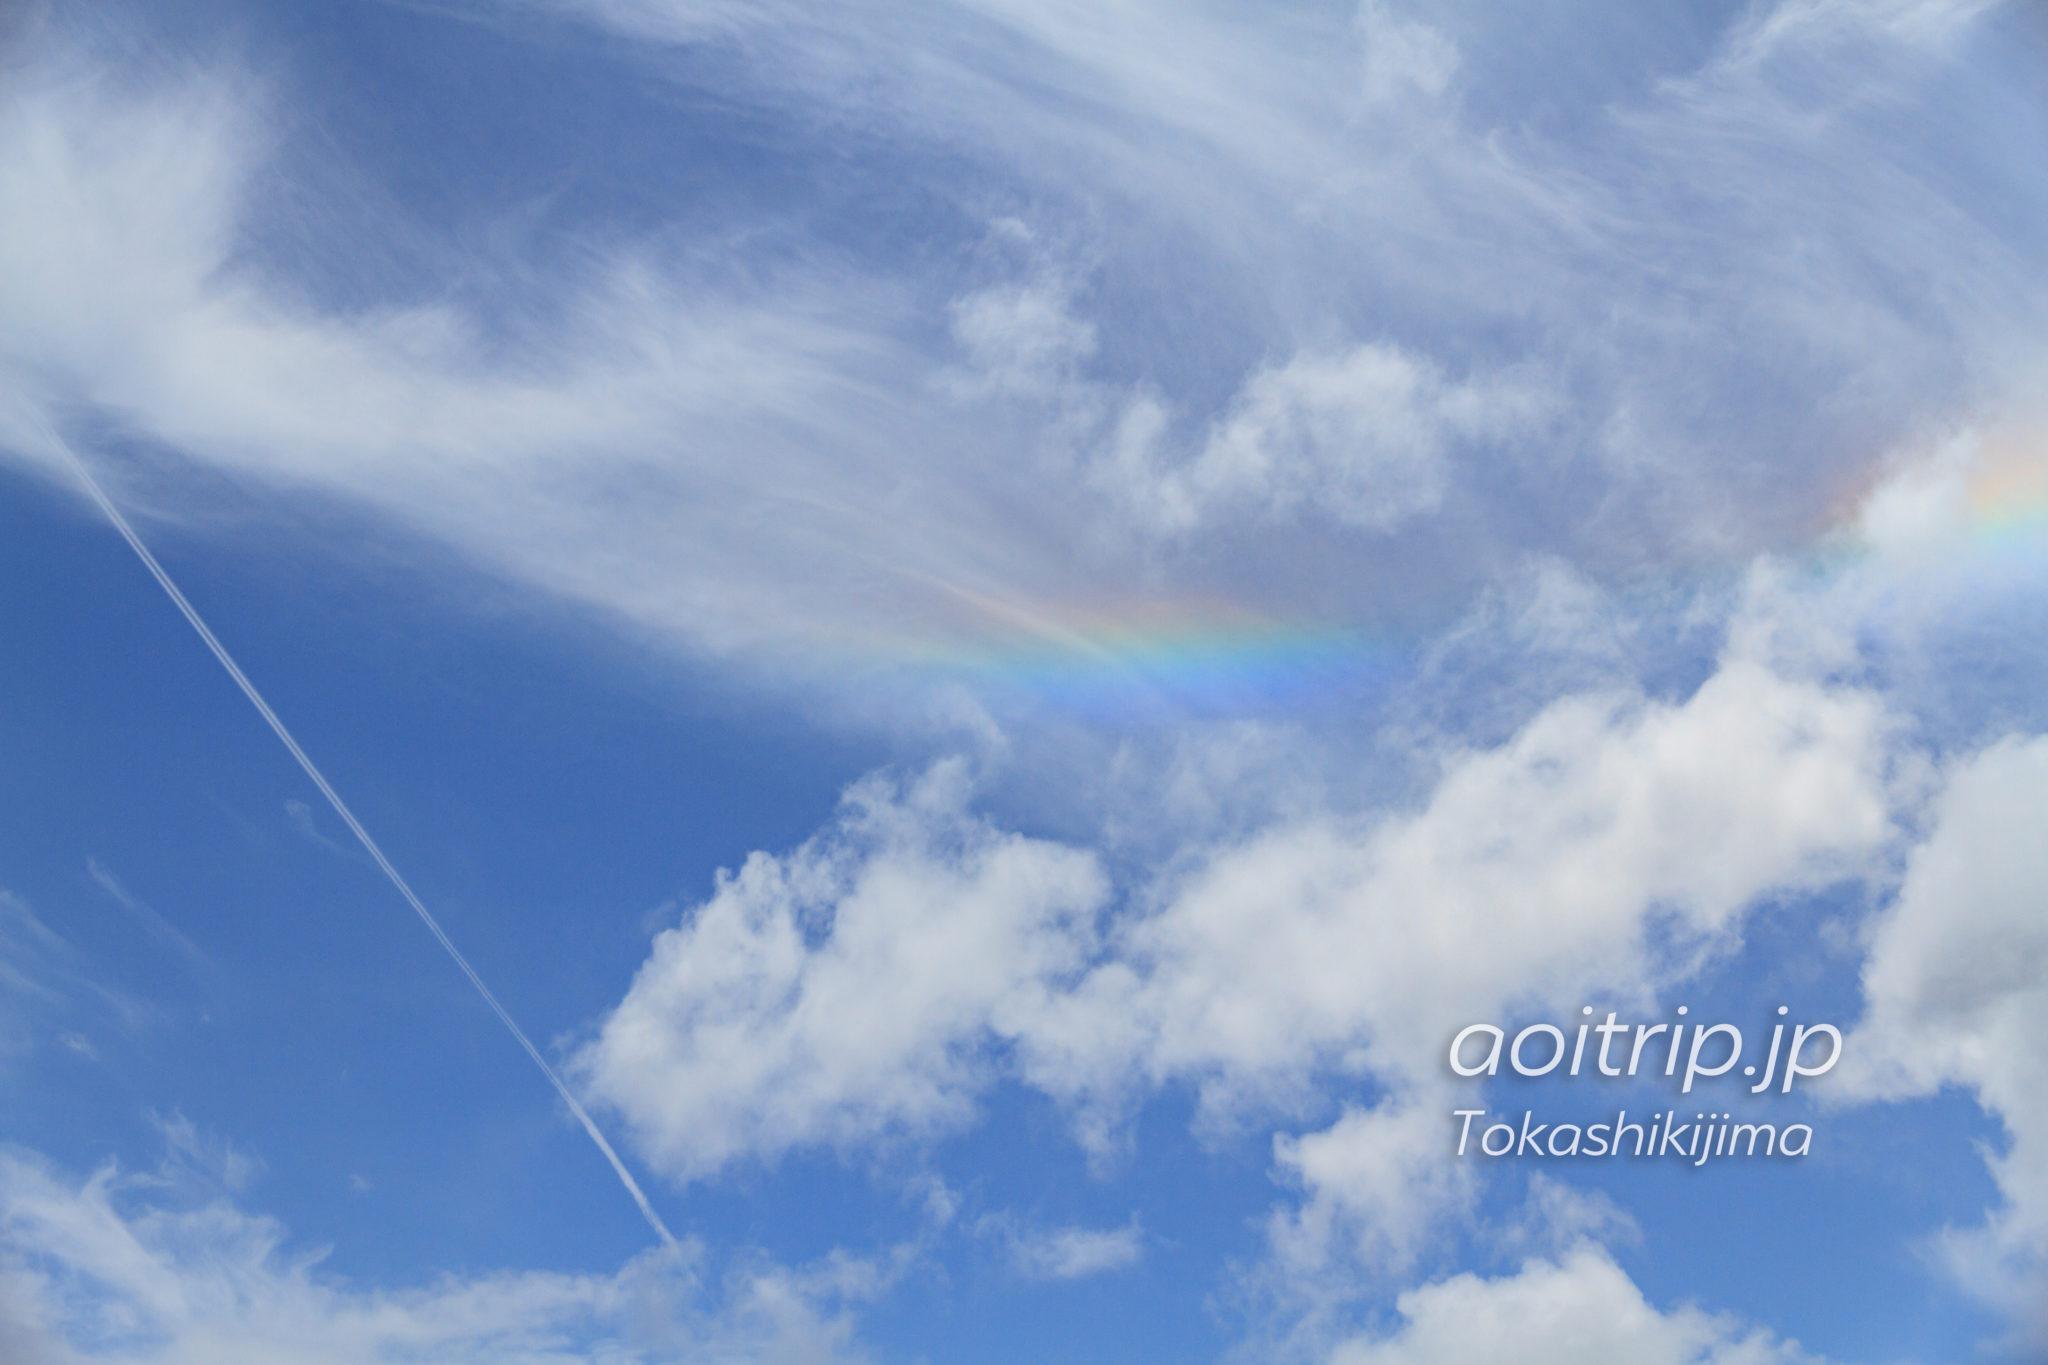 阿波連園地展望台で見た彩雲